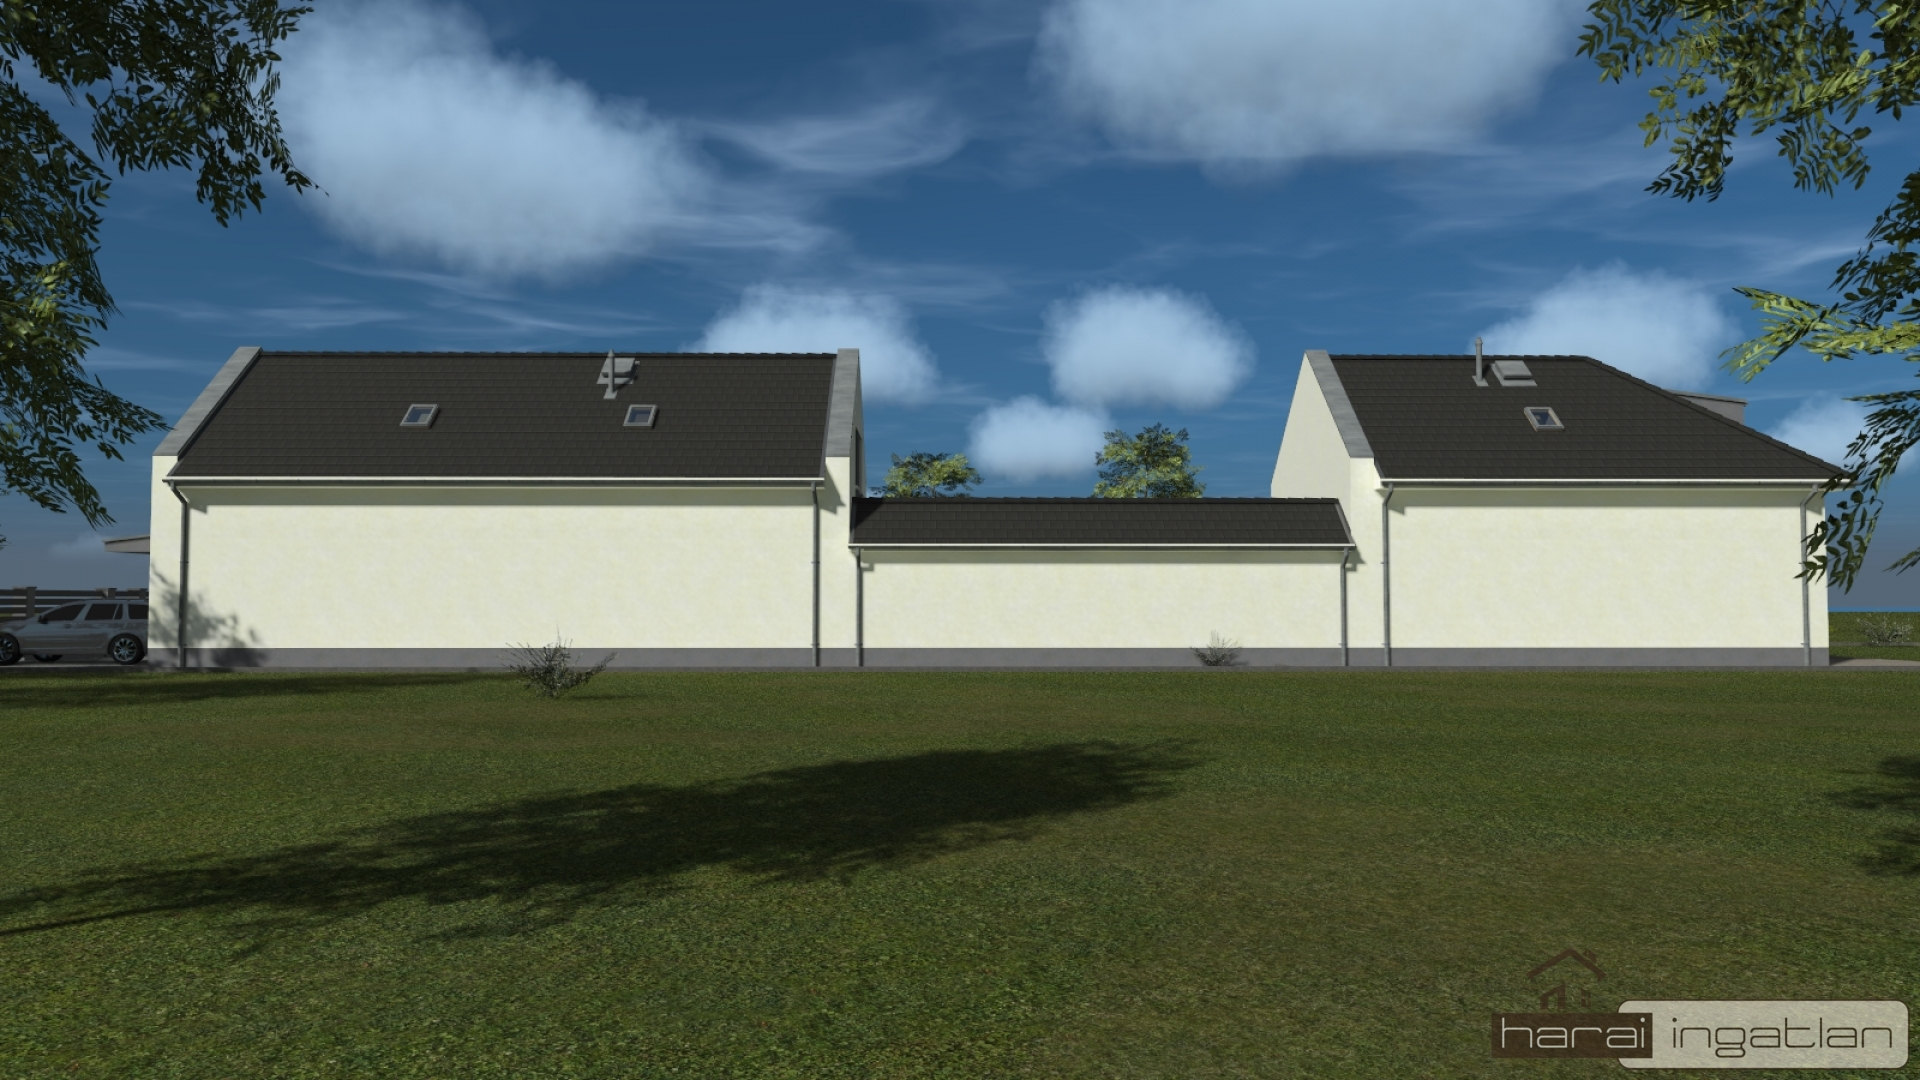 2151 Fót Eladó Ház (#02012020120)